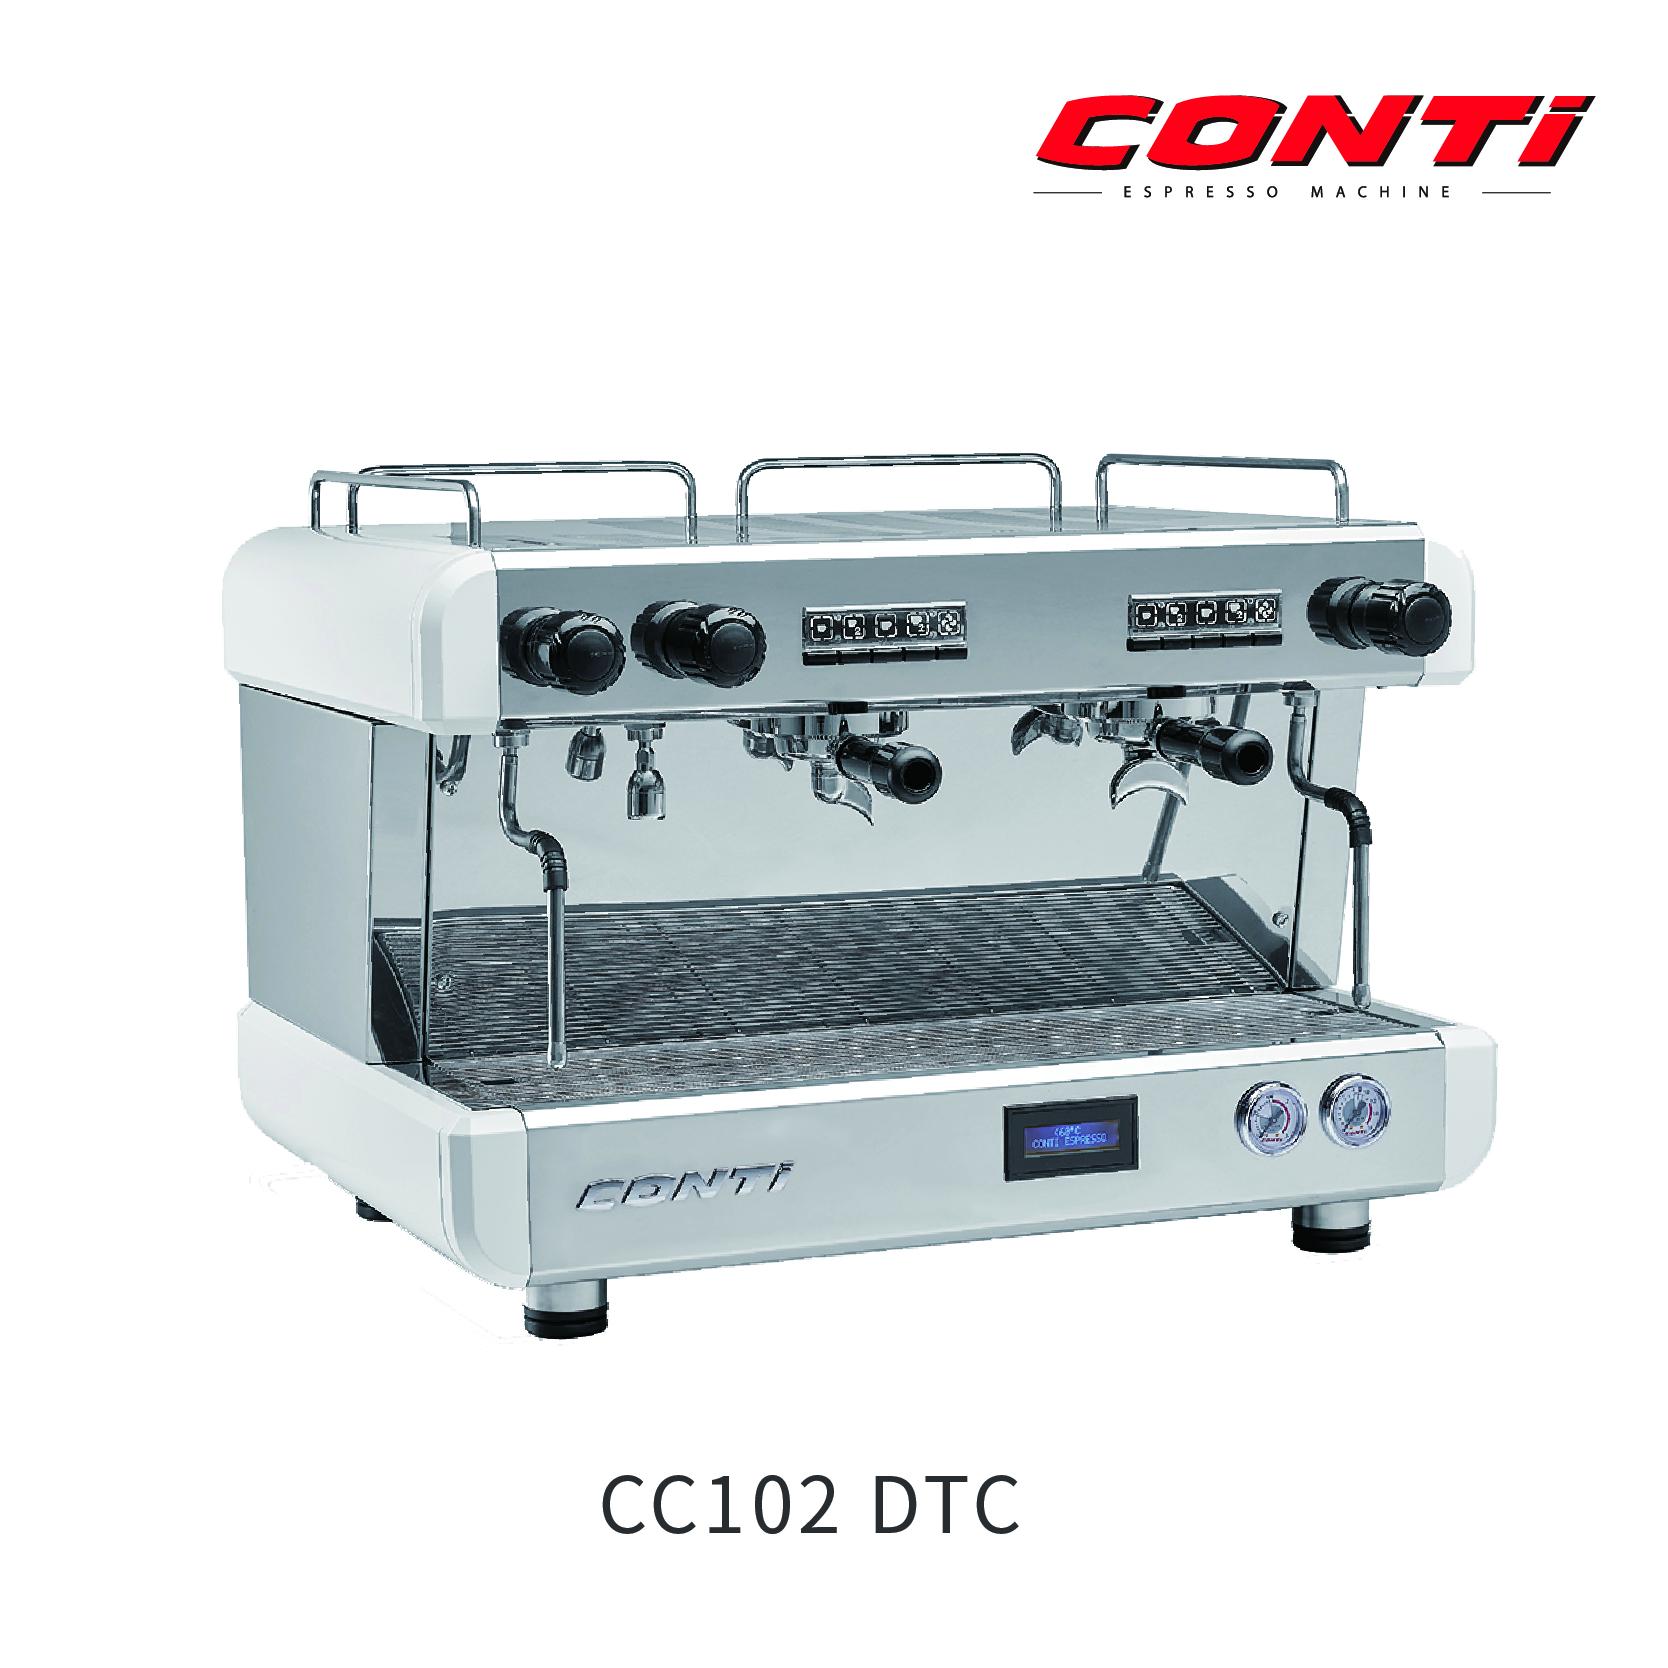 萃茶萃咖啡半自動咖啡機Conti CC101/102 DTC1G/ 2G 白色